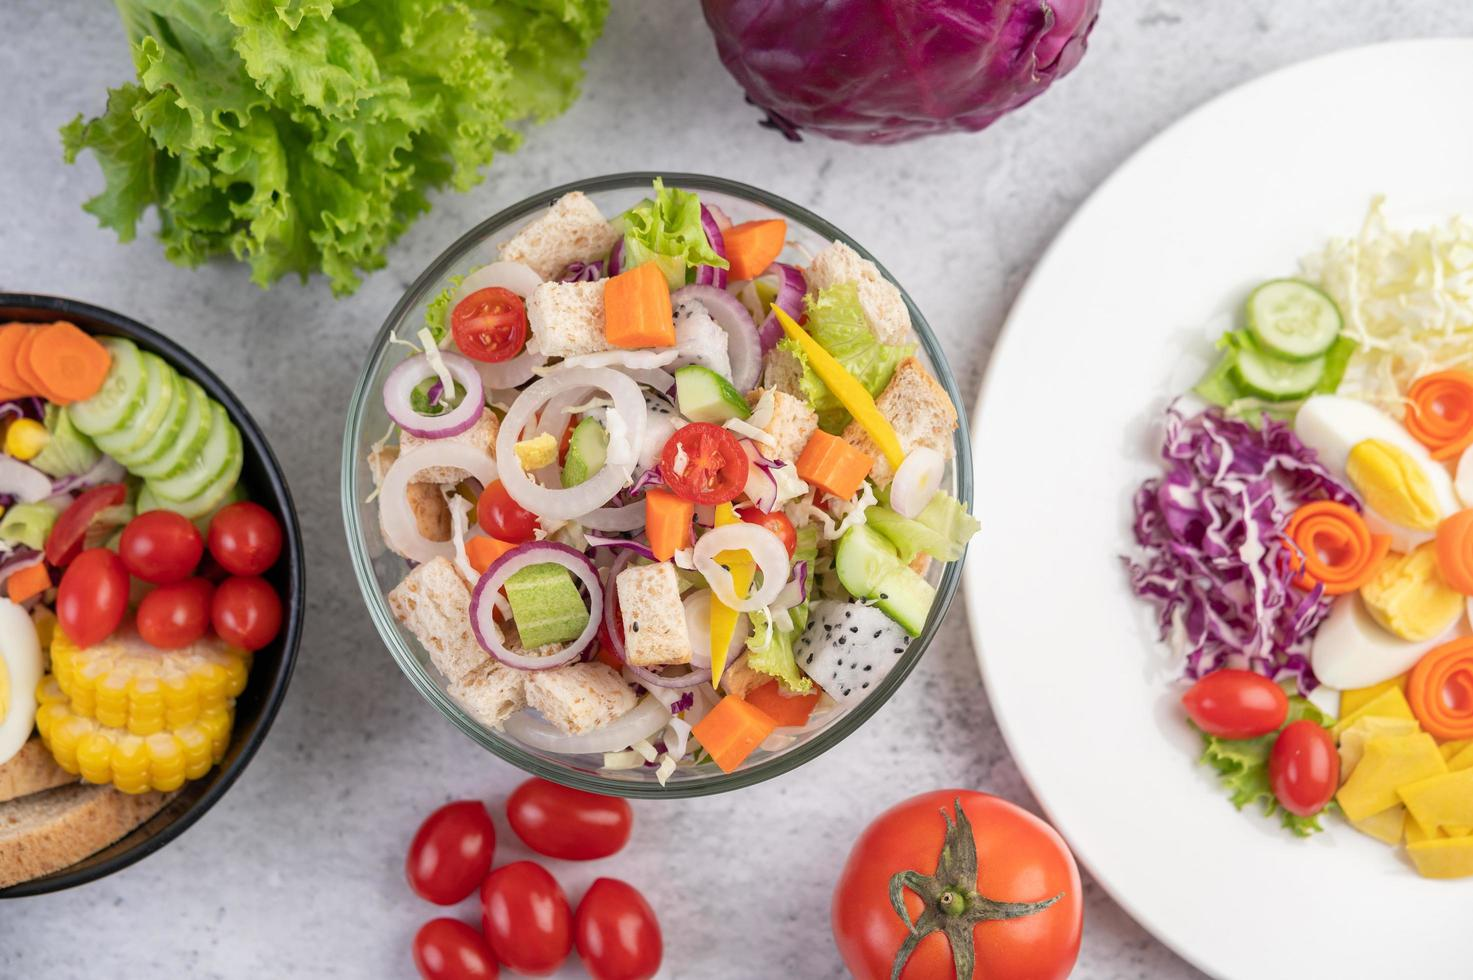 une salade aux légumes photo